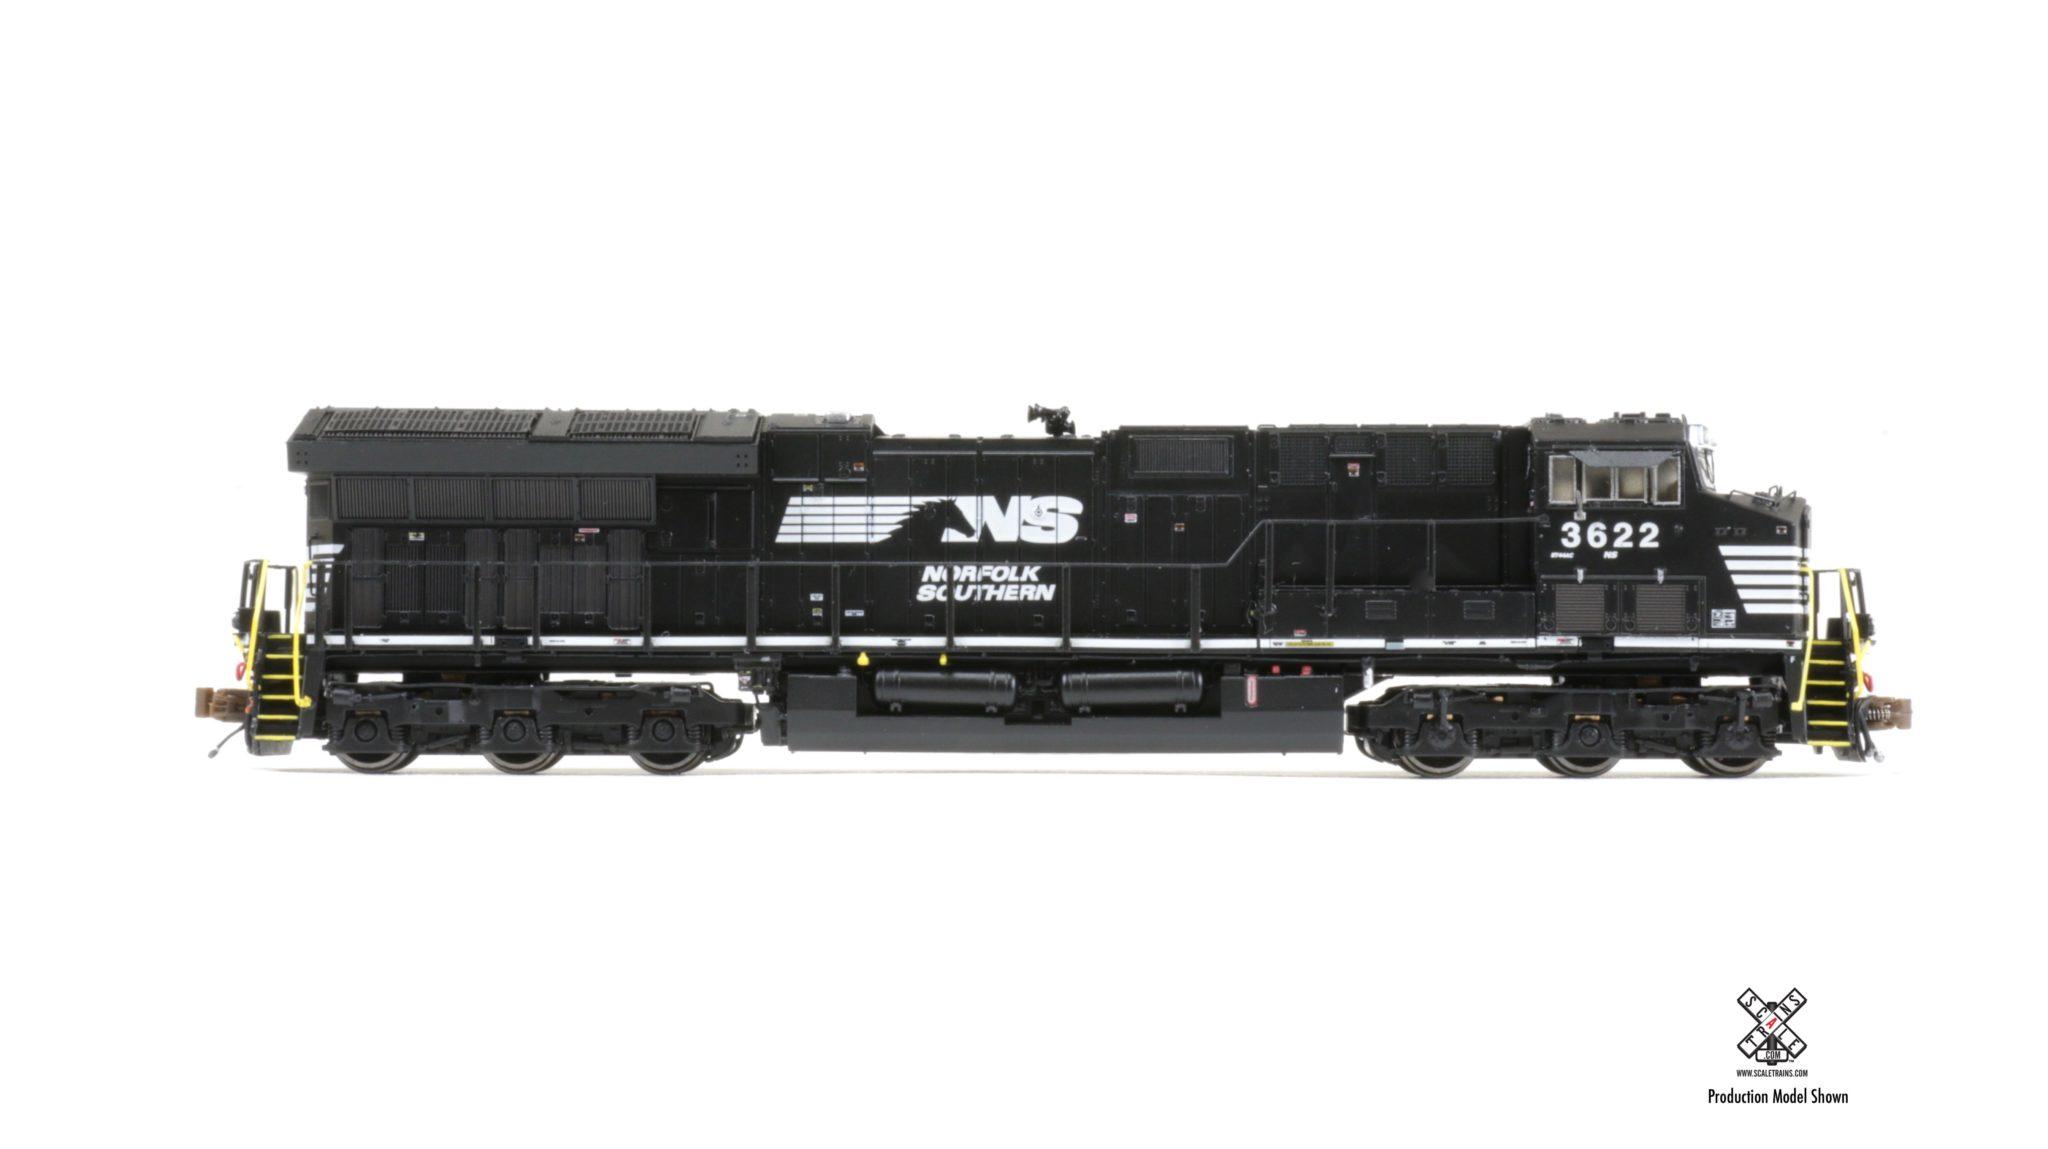 N Scale - ScaleTrains.com - SXT30657 - Locomotive, Diesel, GE GEVO - Norfolk Southern - 3622